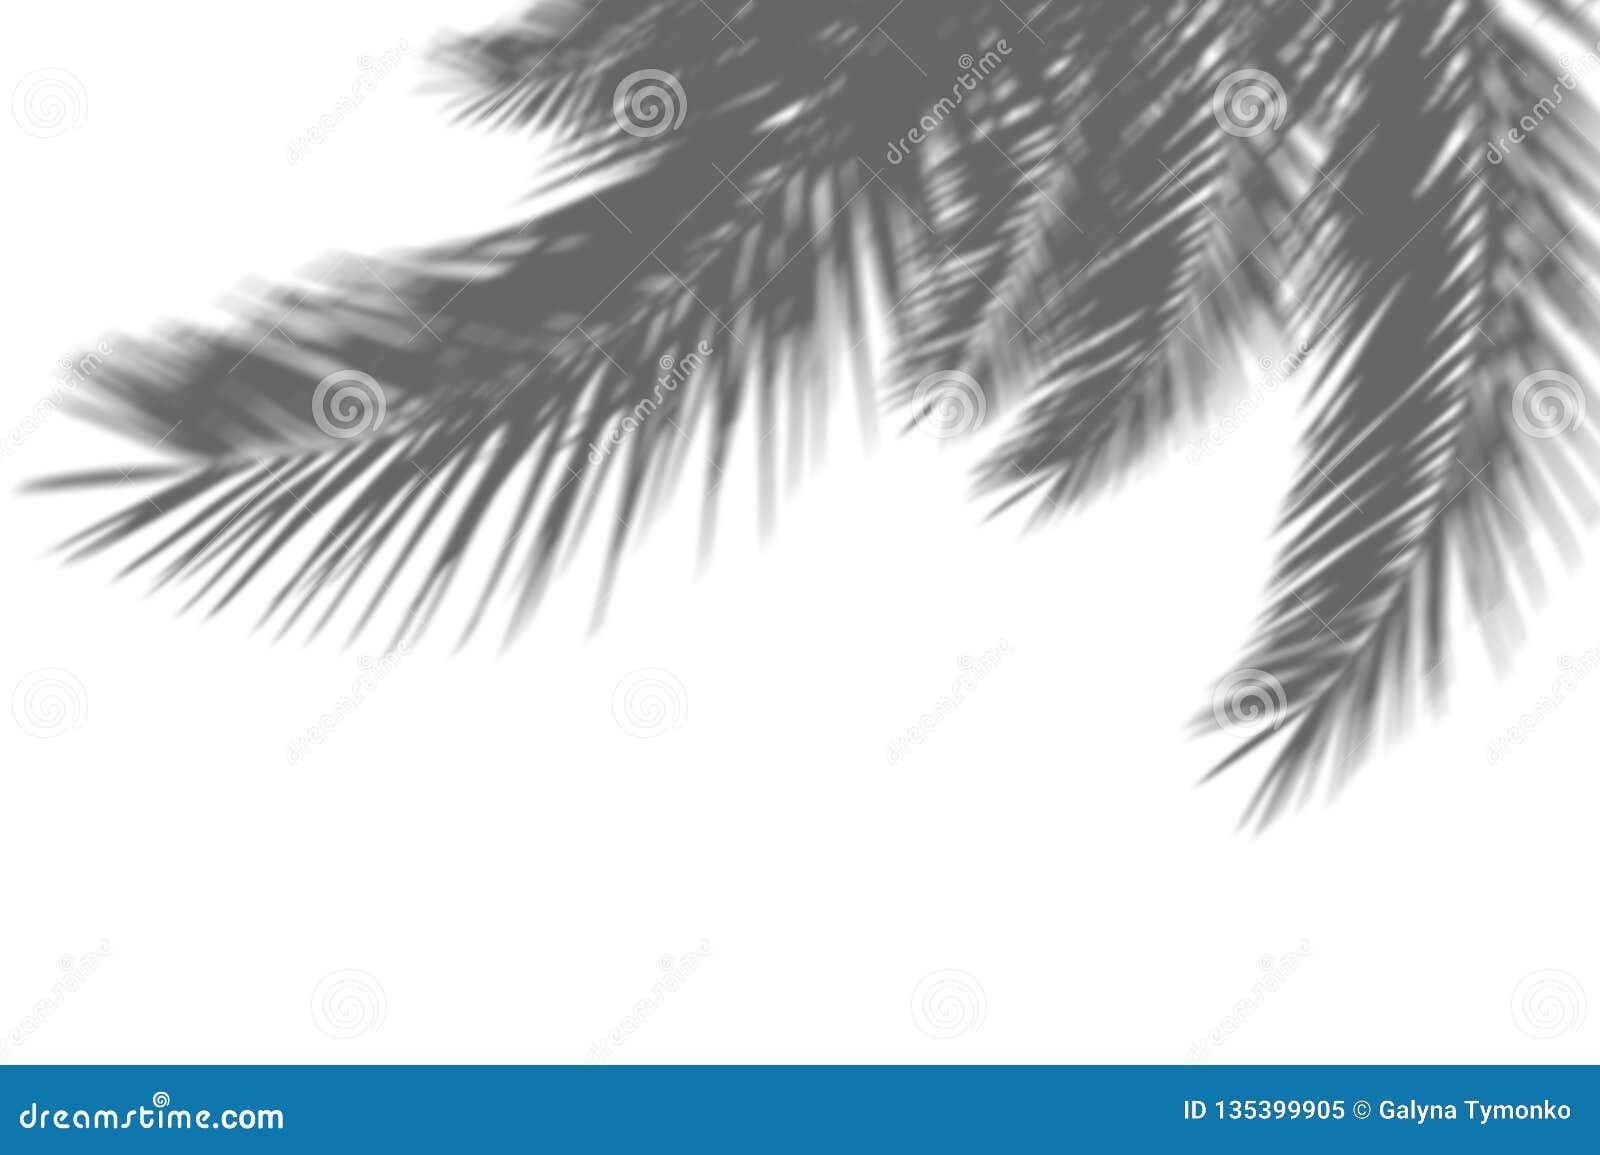 Abstrakt bakgrund av exotiska palmblad för skuggor på en vit vägg Vitt och svart för samkopiering ett foto eller en modell